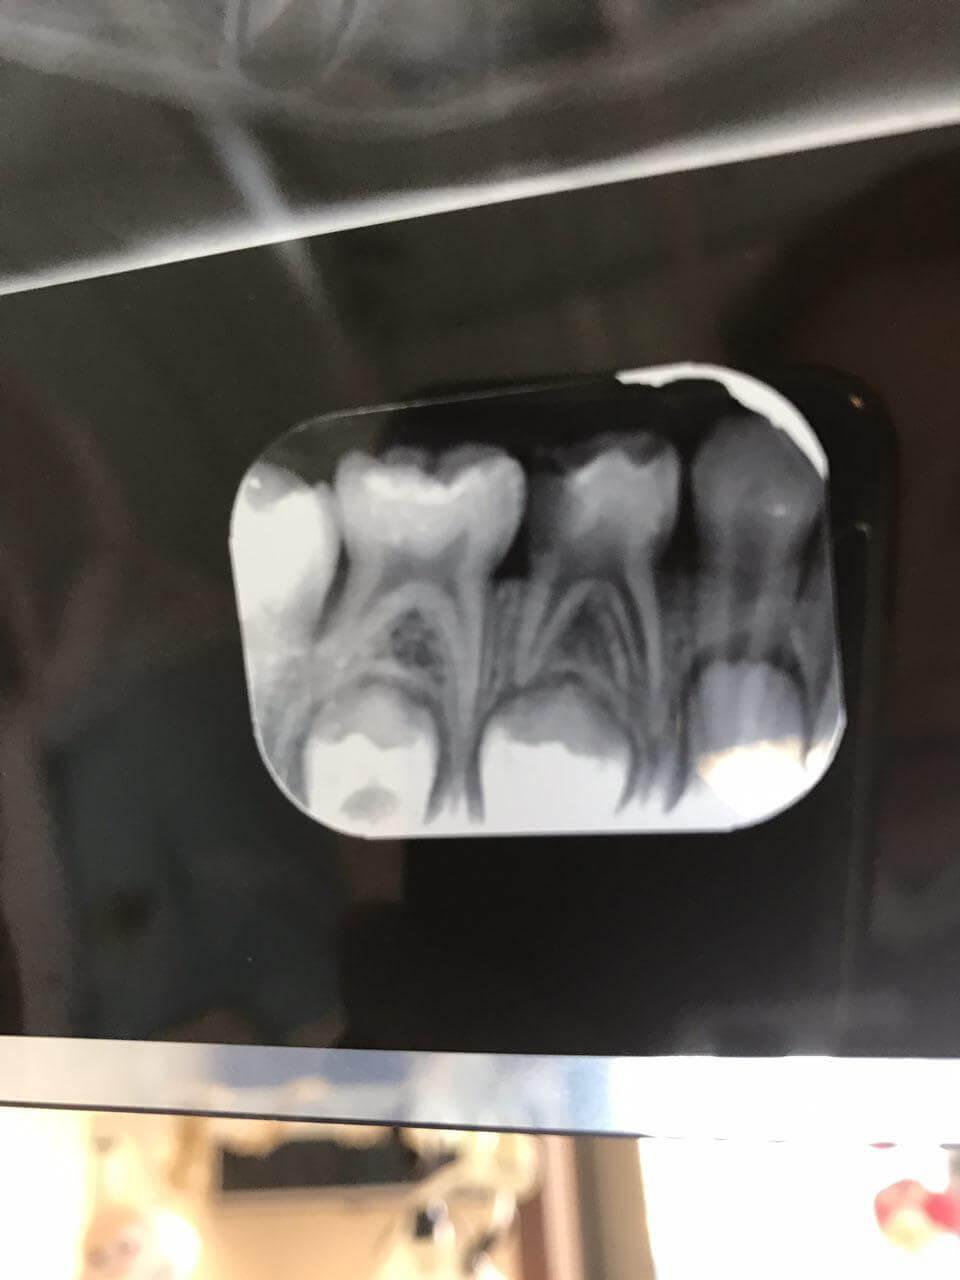 پالپكتومي(درمان ريشه ) دندان شيری و روكش جهت حفظ دندان شيری